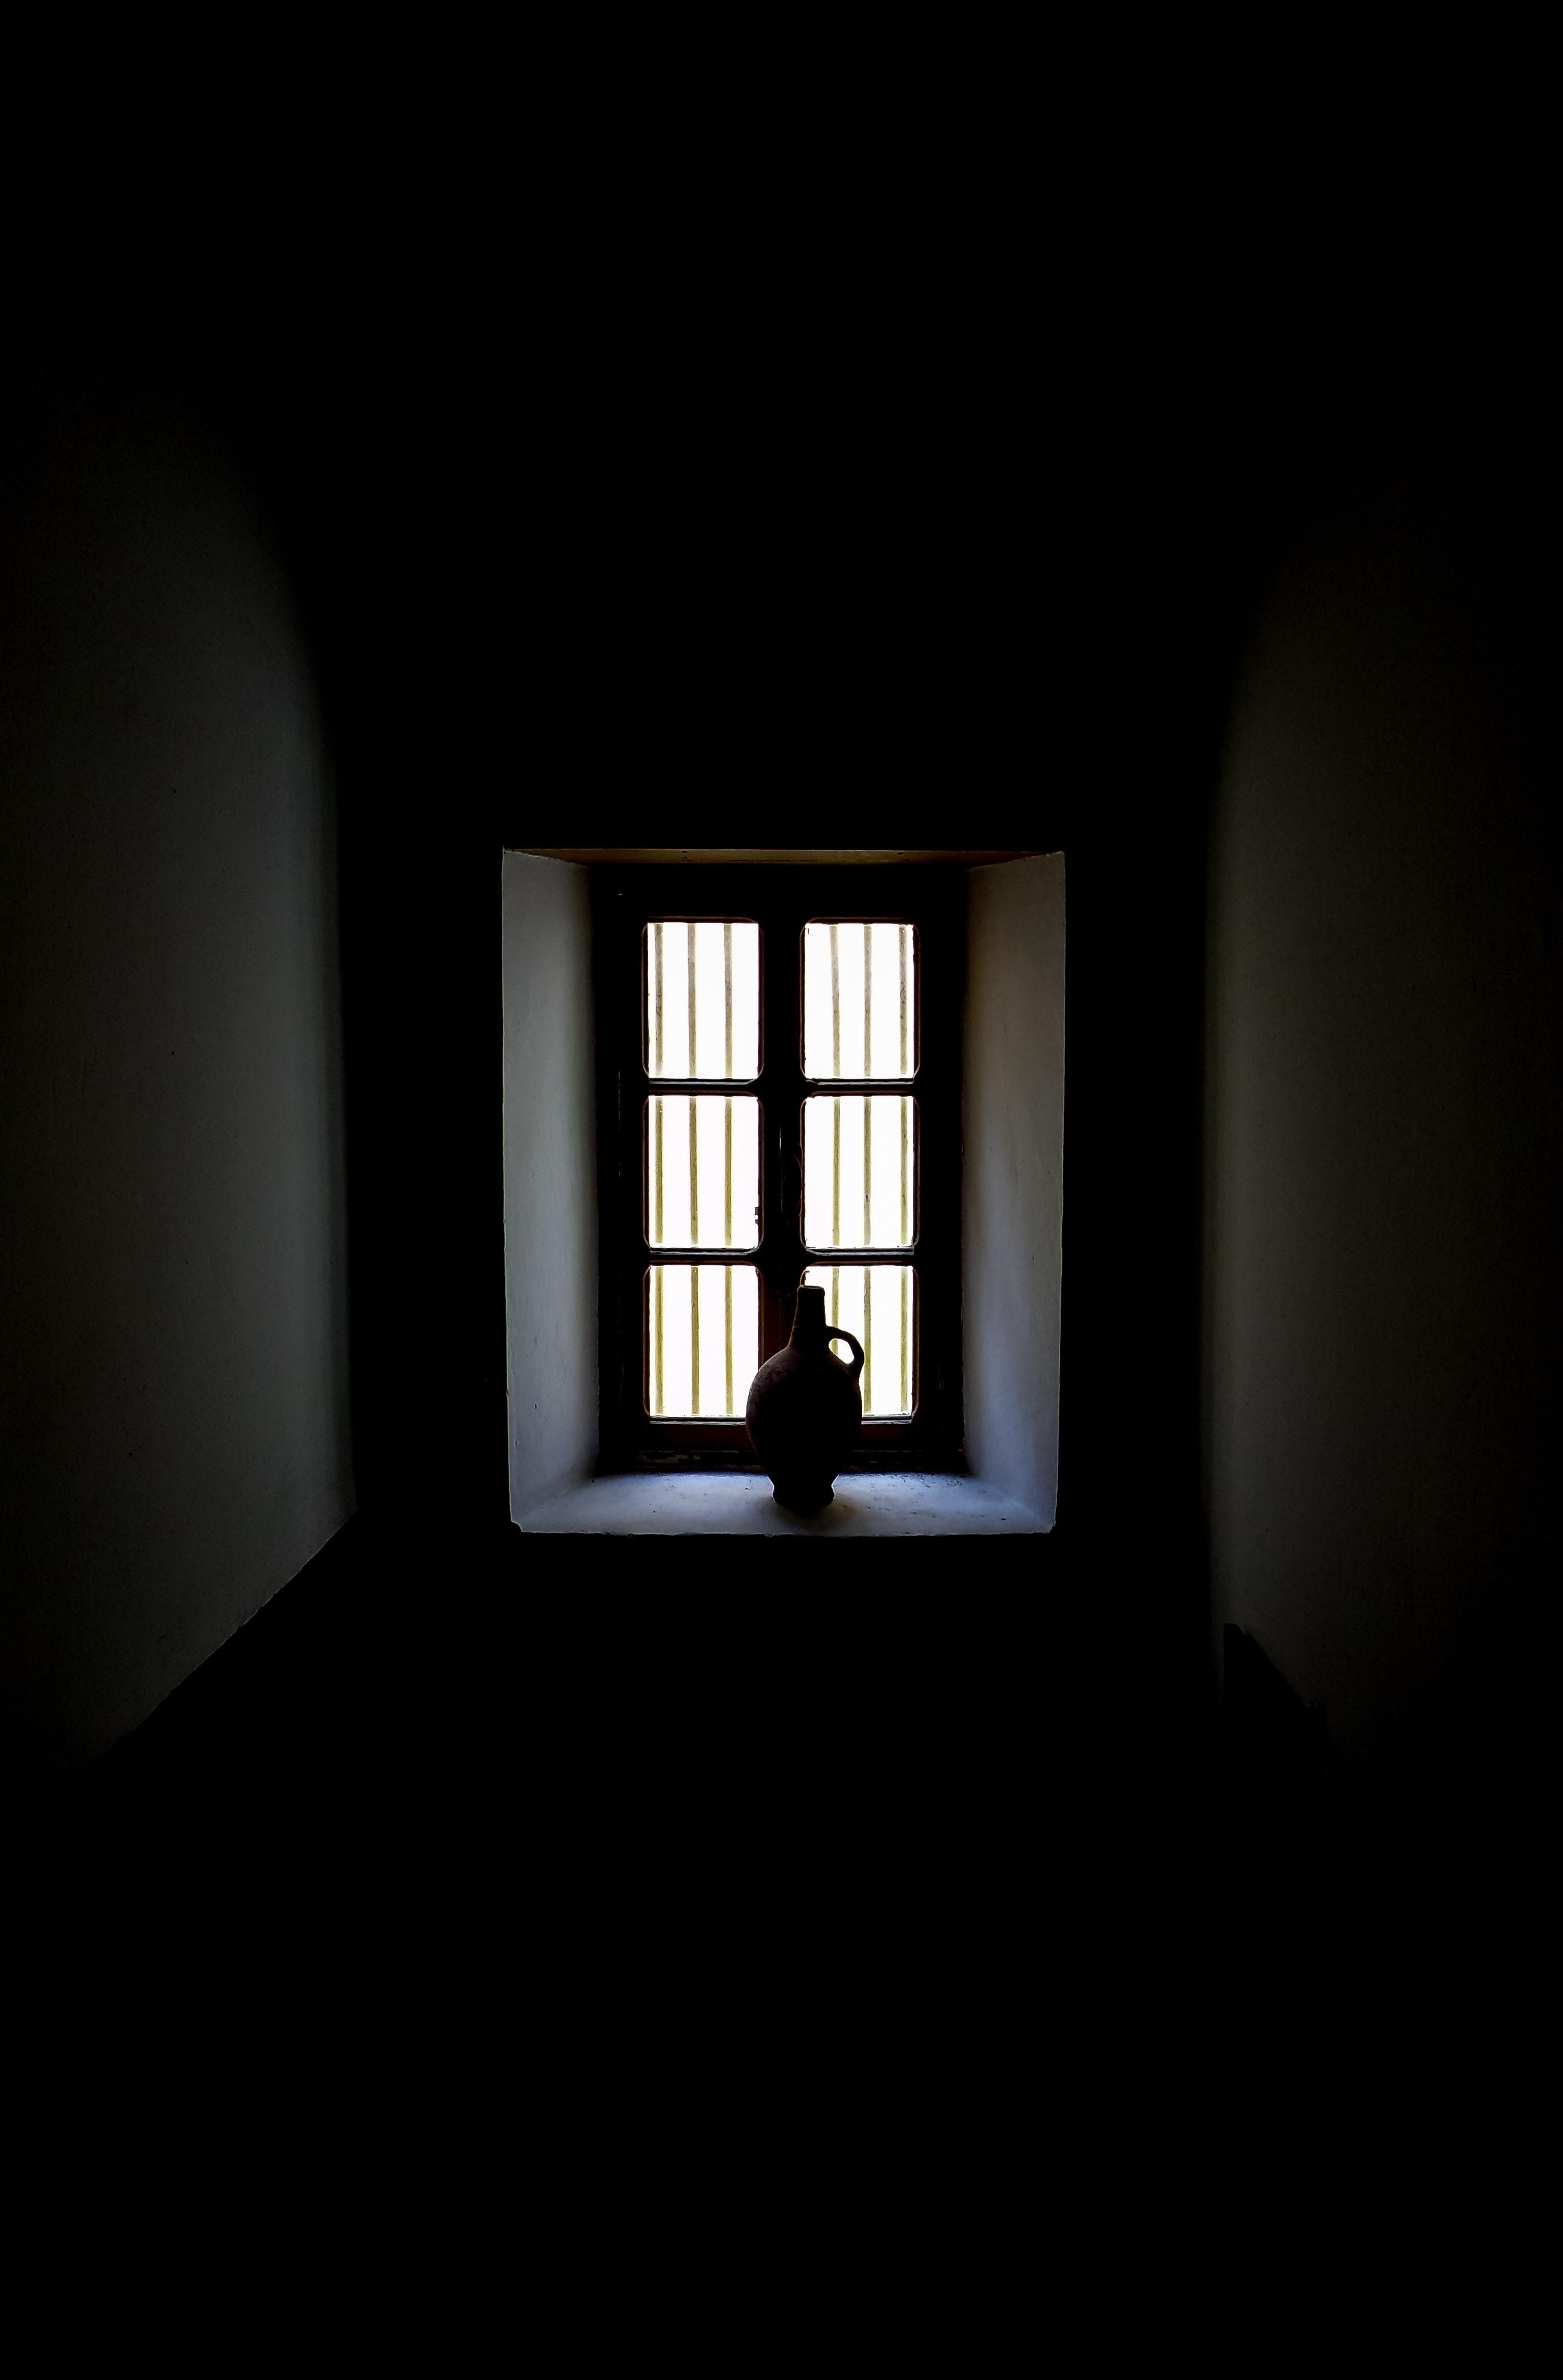 silhouette of bottle near window